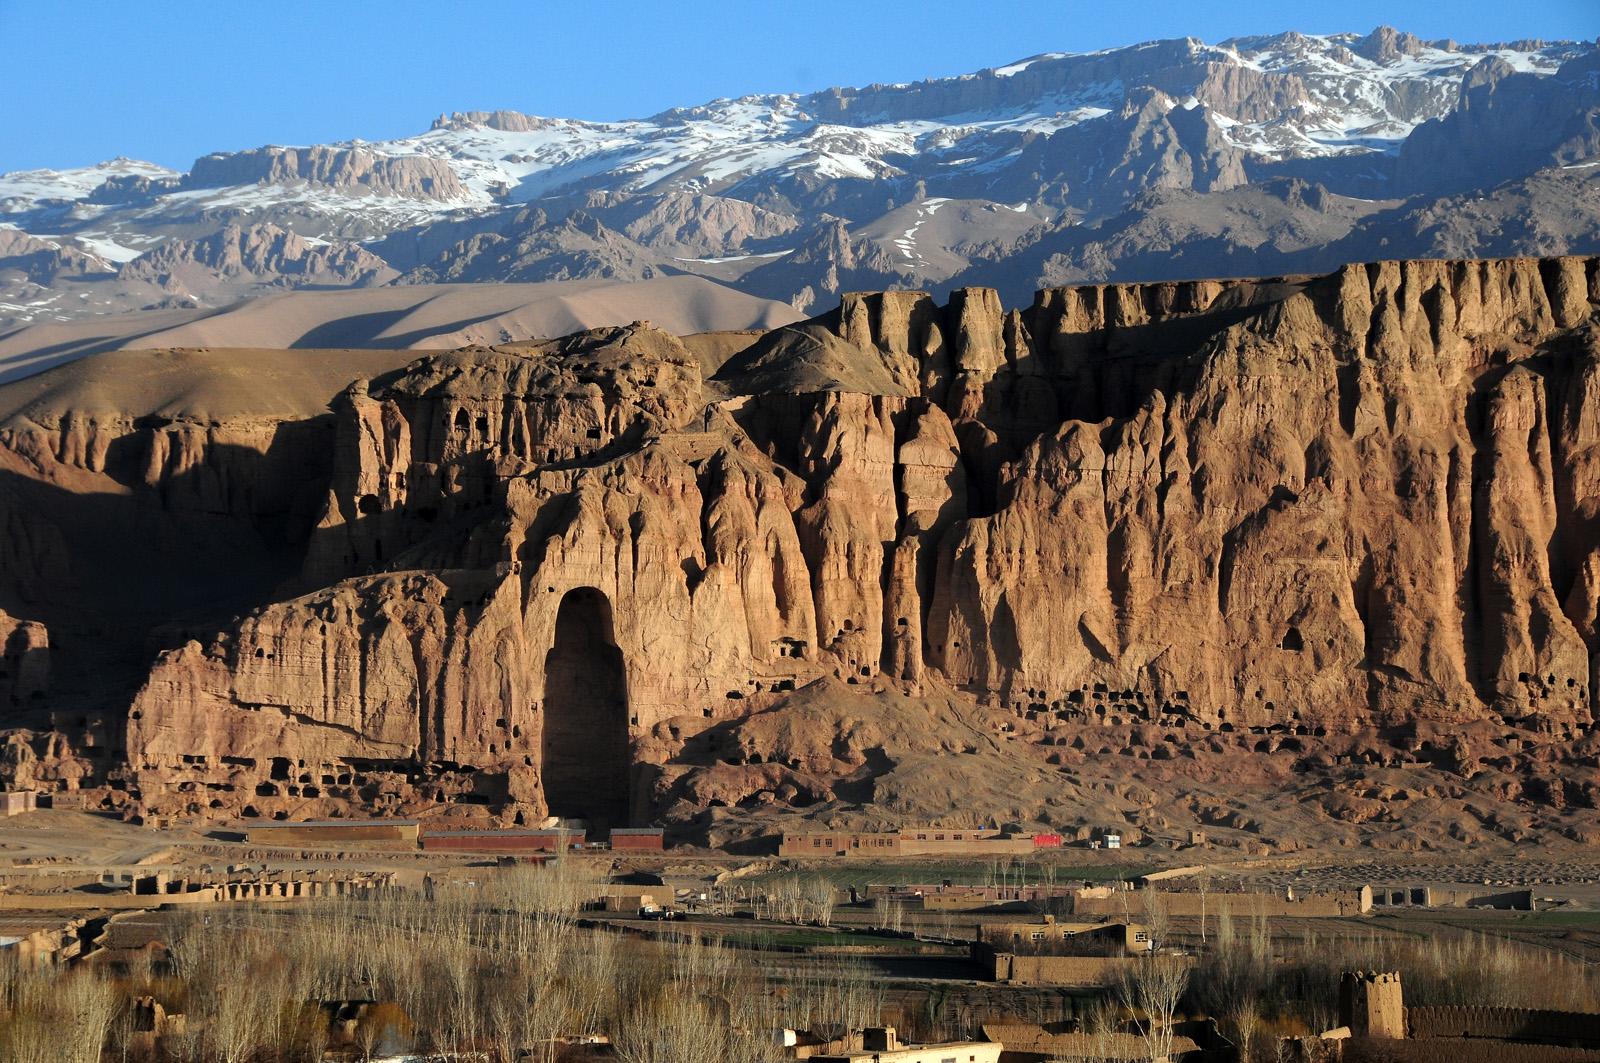 In der riesigen Lücke in der Felswand stand eine der 1.500 Jahre alten Buddha-Statuen, die unter Aufsicht des heutigen Taliban-Führers Akhundaza 2001 gesprengt wurden. By Afghanistan Matters licensed under CC BY 2.0.